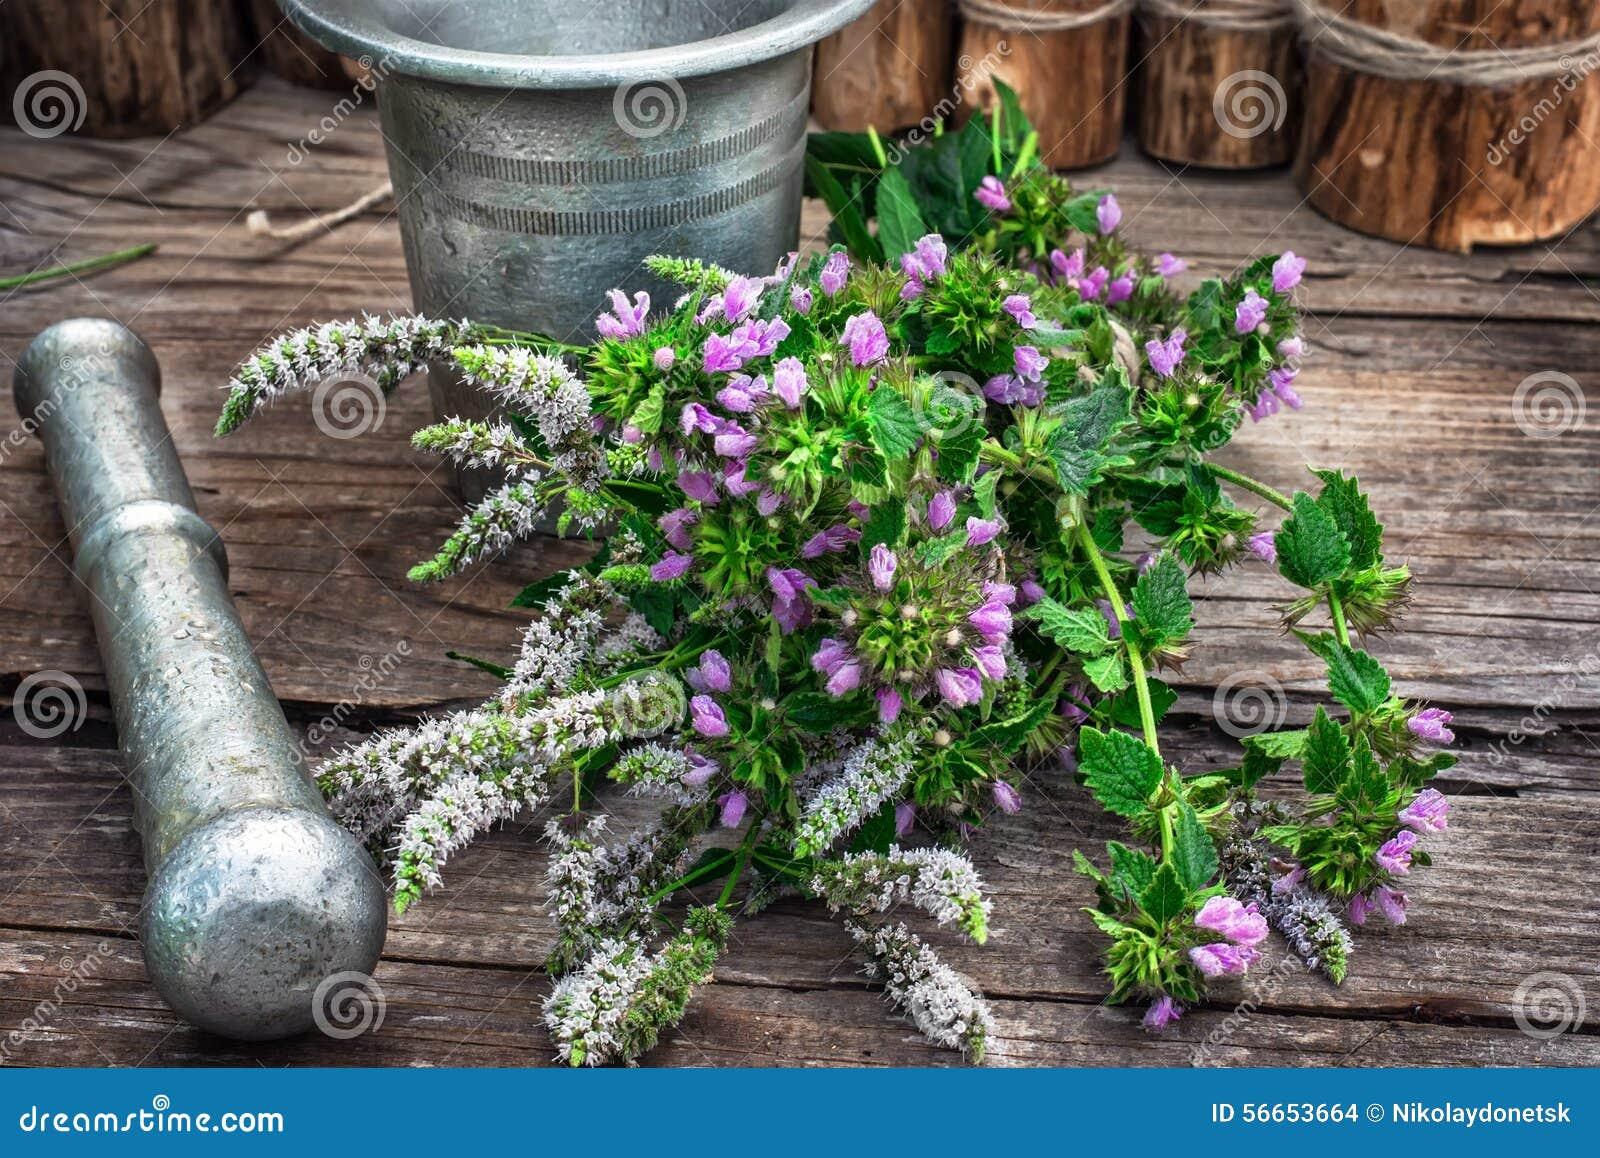 Miętówka jest odwiecznie zielnym rośliną